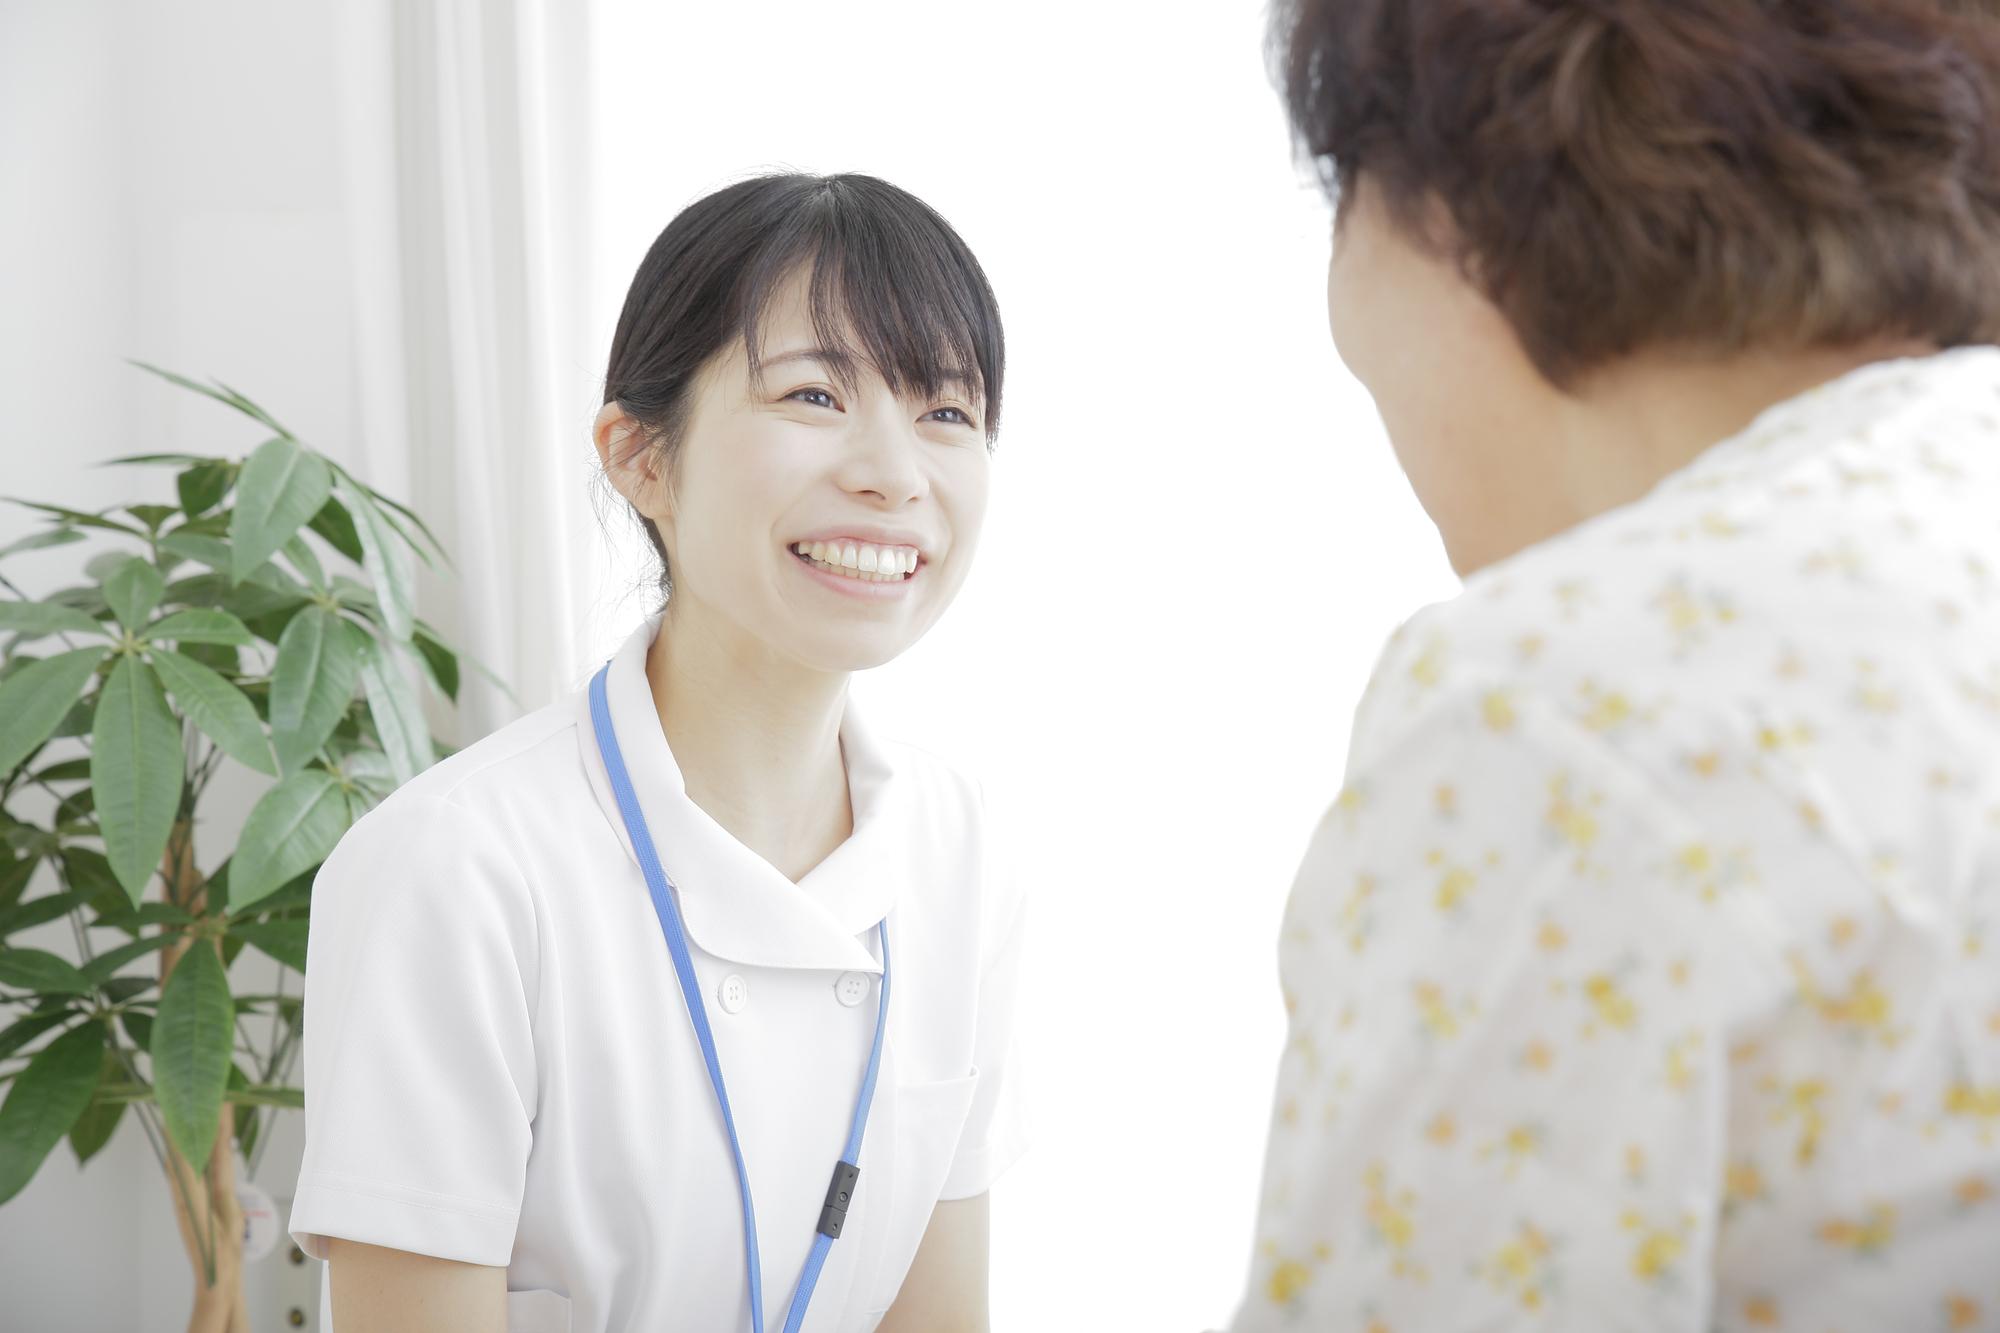 病院の看護師に向いているタイプ